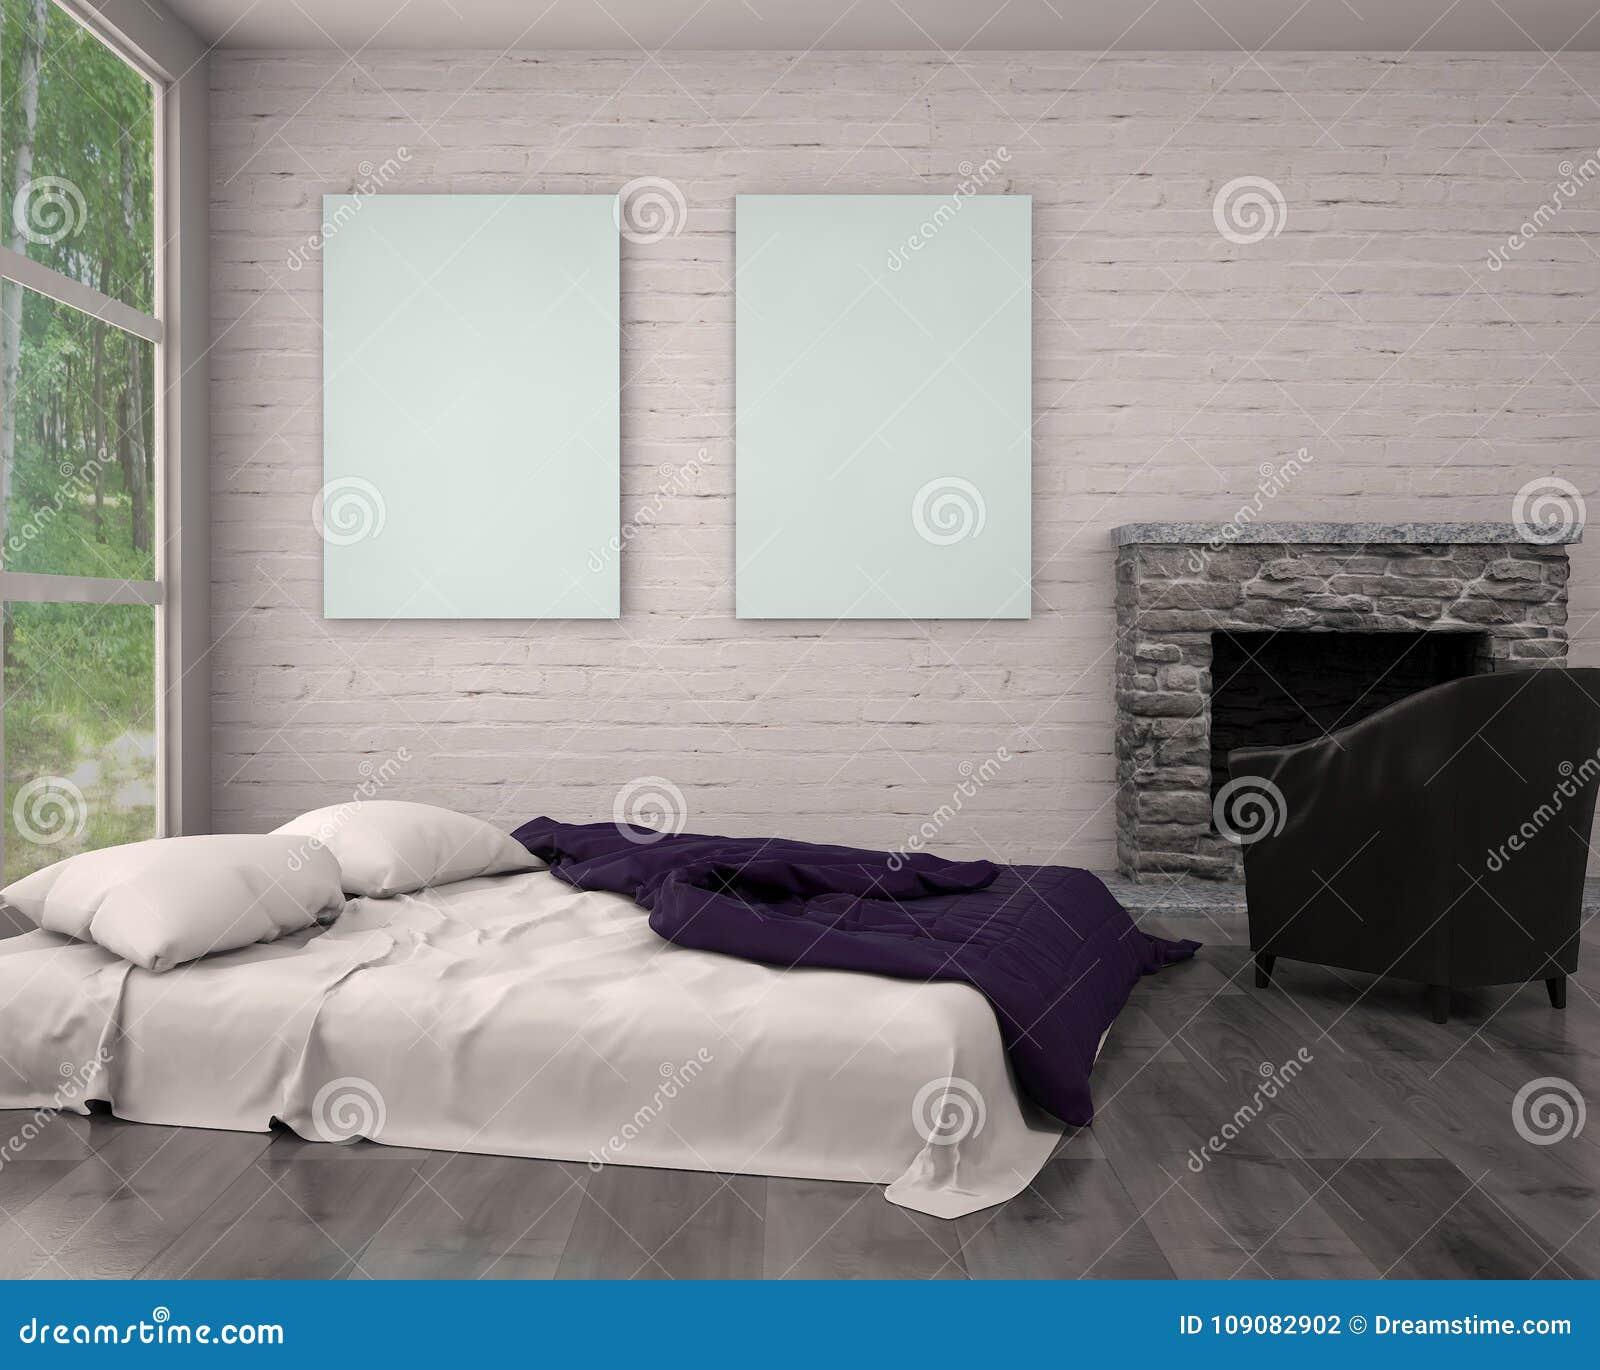 嘲笑海报框架在行家内部现代客厅